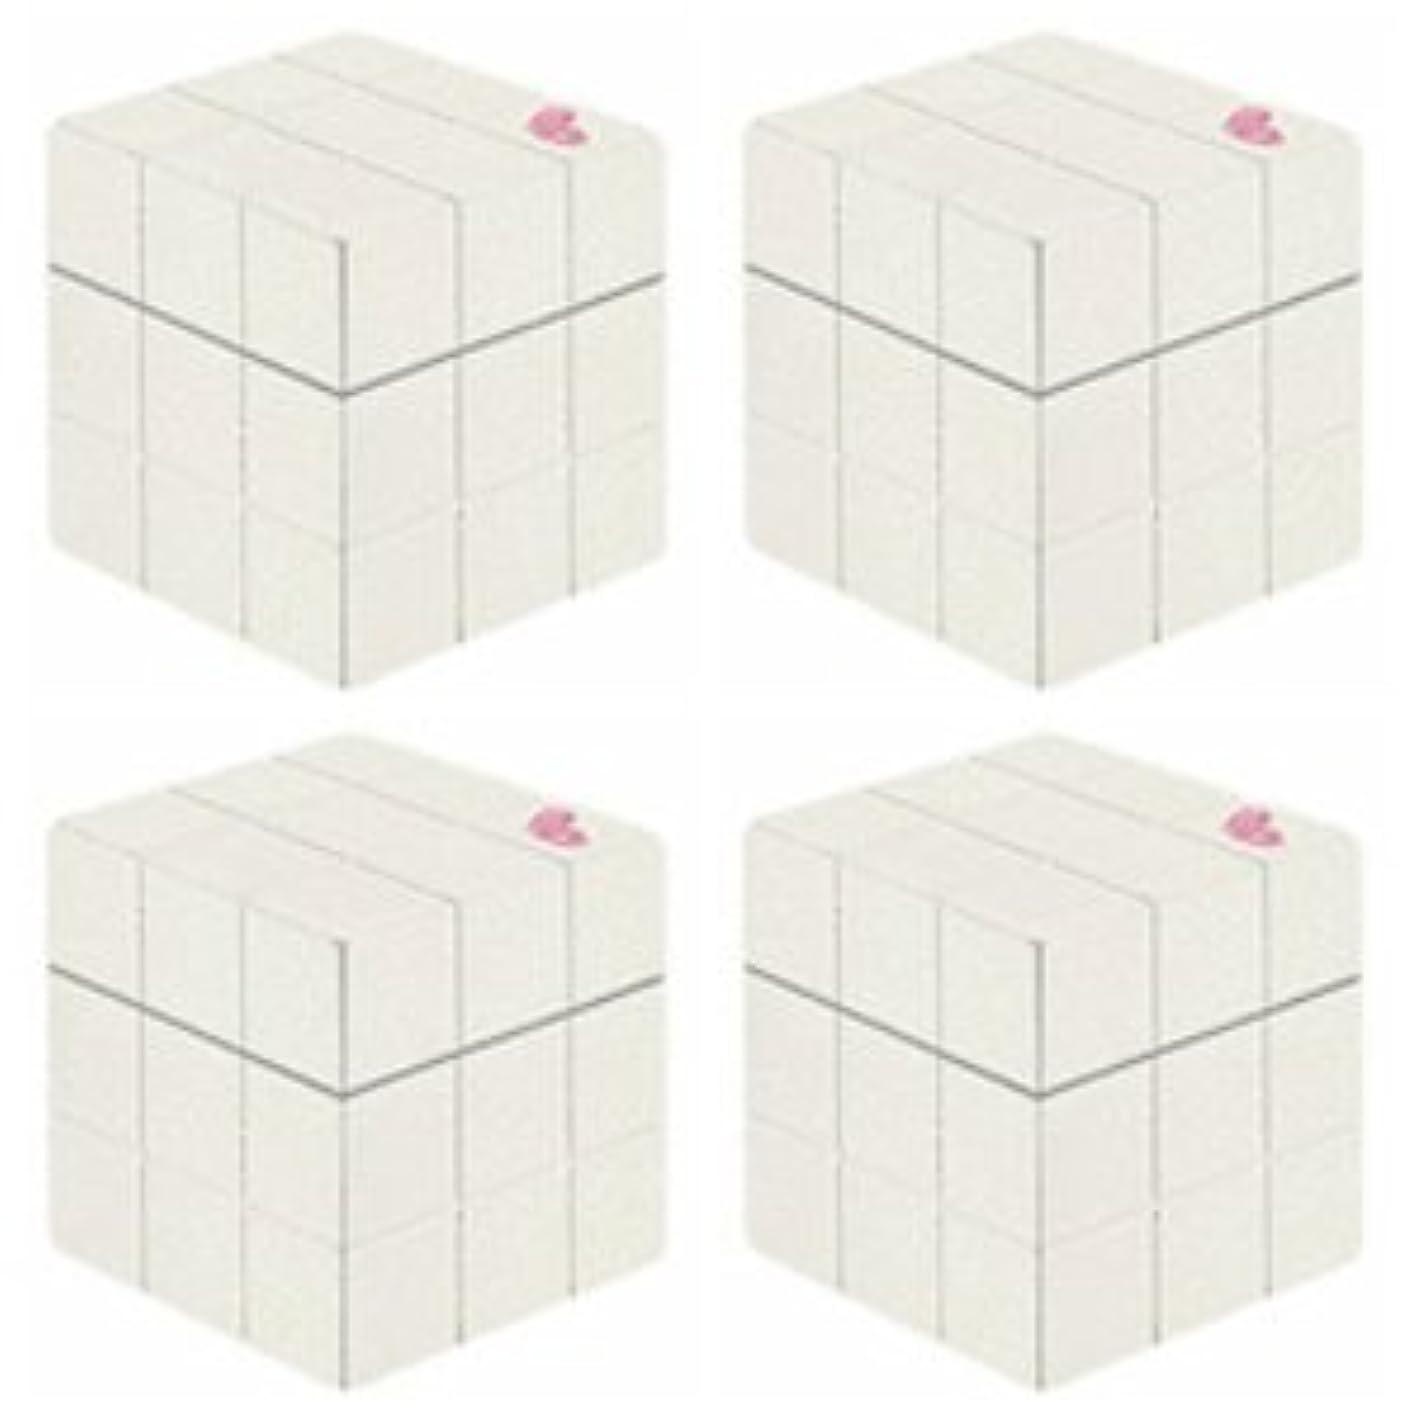 結婚醜い喜ぶ【X4個セット】 アリミノ ピース プロデザインシリーズ グロスワックス ホワイト 80g ARIMINO